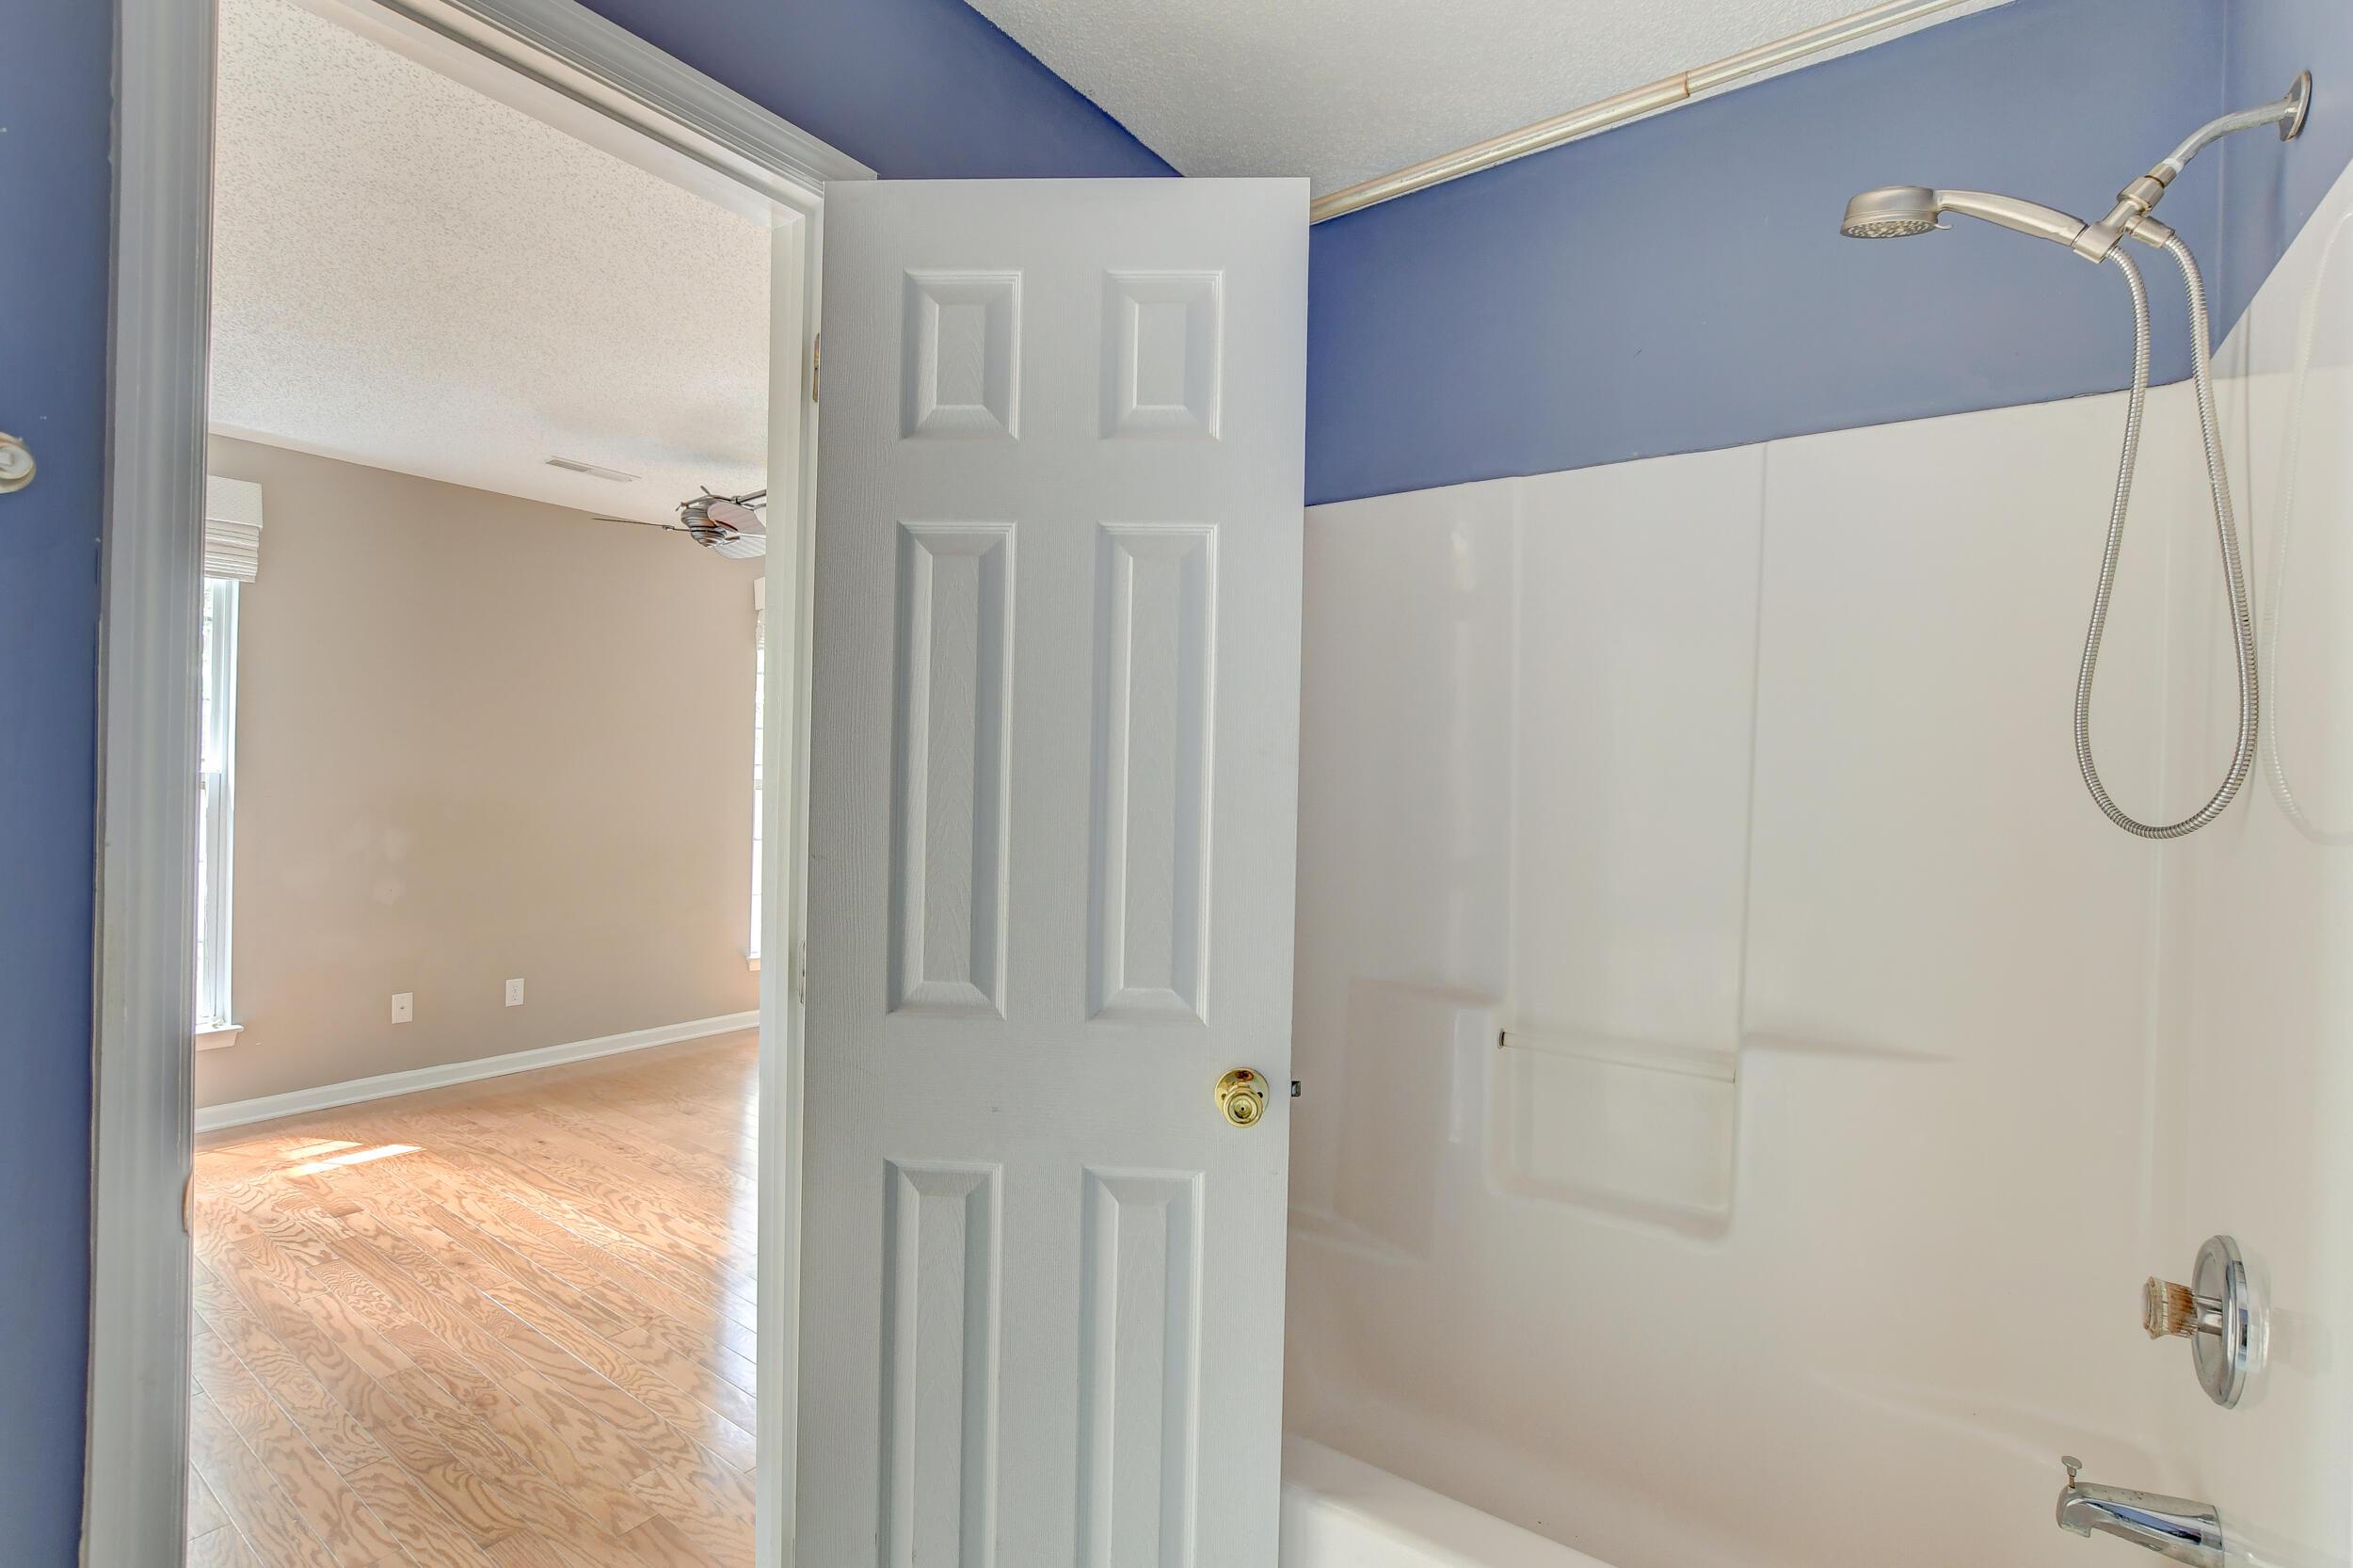 Crowfield Plantation Homes For Sale - 1010 Longview, Goose Creek, SC - 22